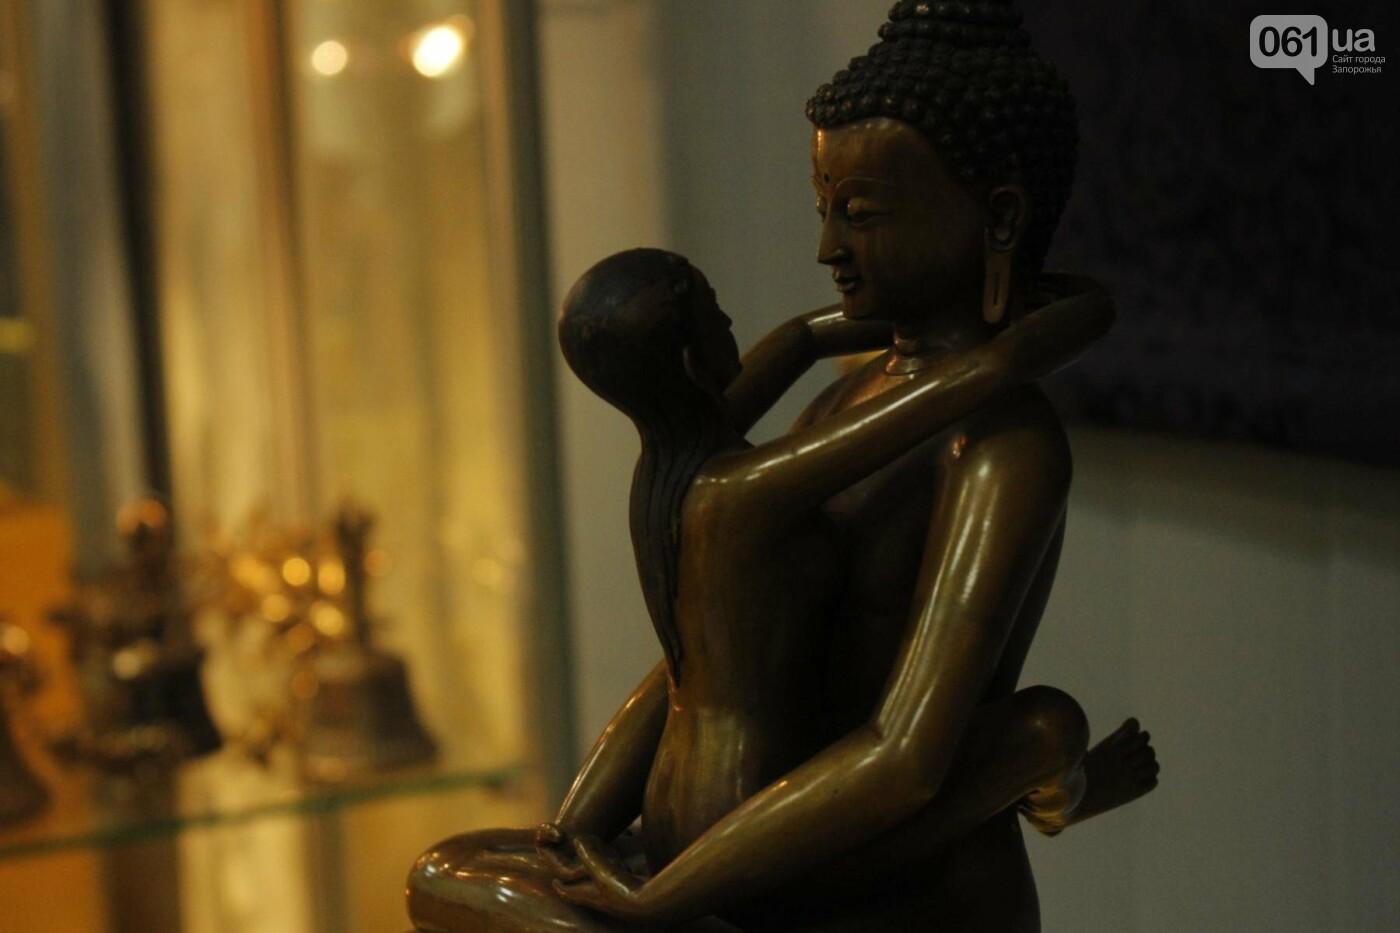 """В Запорожье выставка """"Сокровища Тибета"""" открыла Дни буддийской культуры, - ФОТОРЕПОРТАЖ, фото-25"""